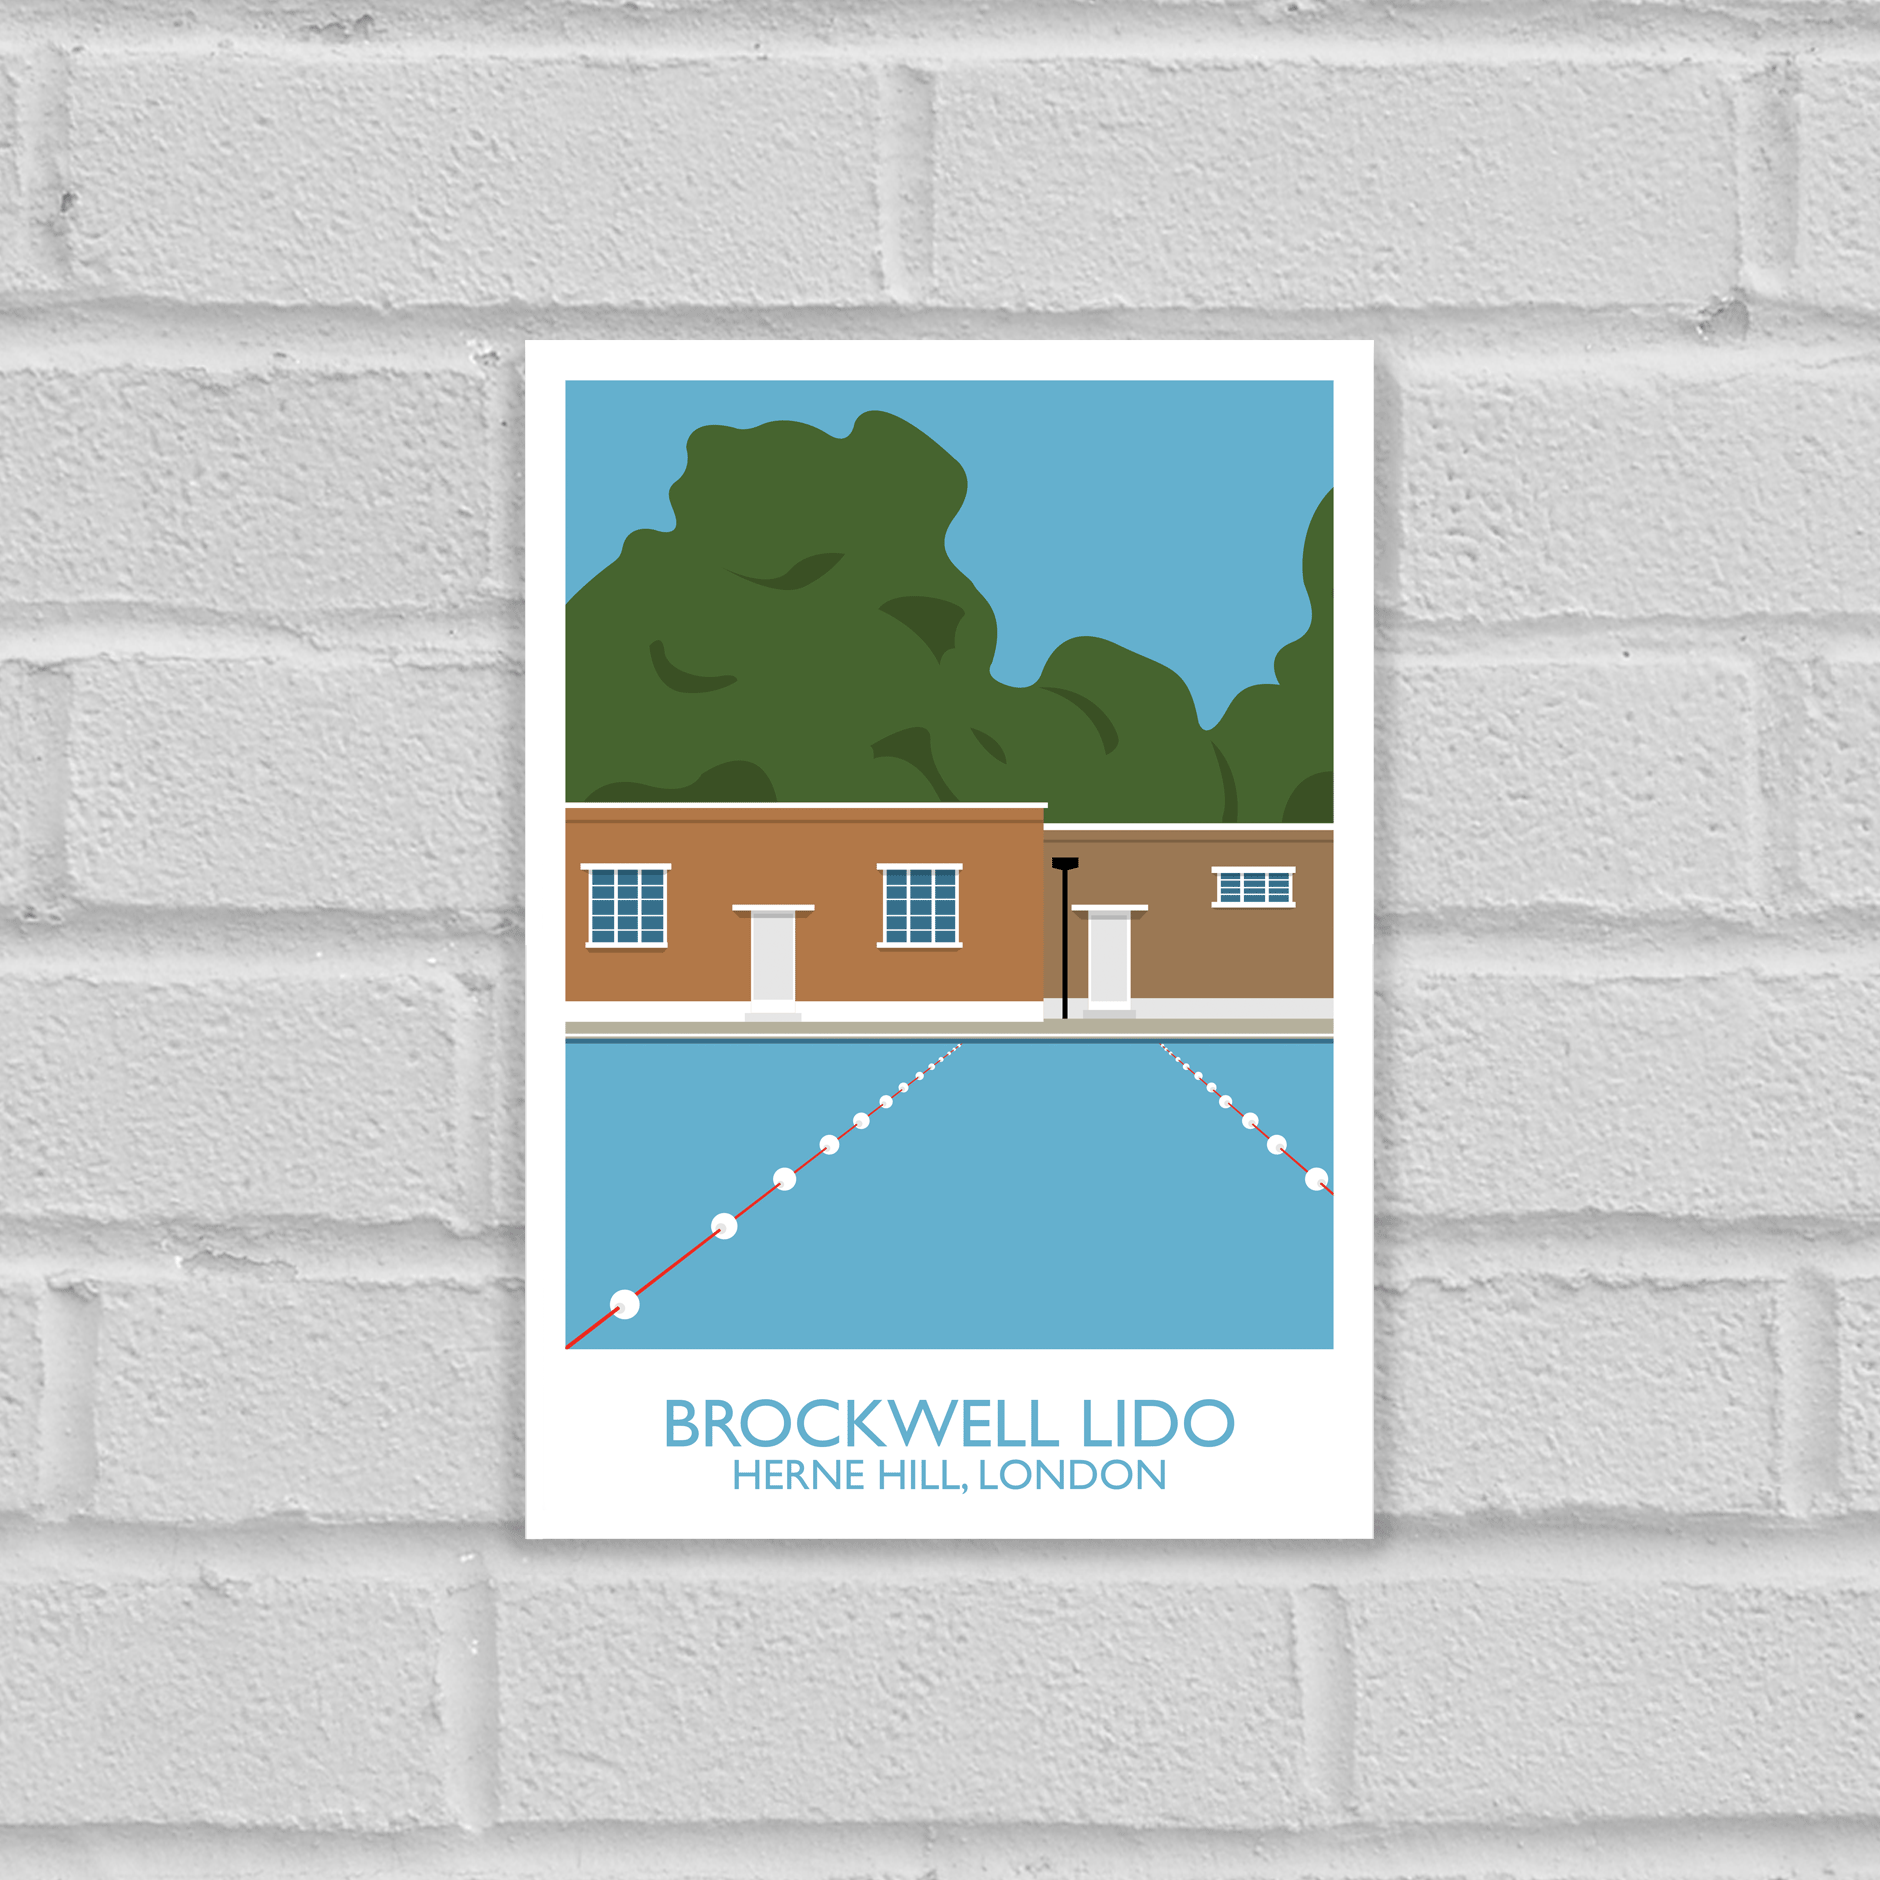 Brockwell Lido Landmark Art Poster Print Unframed